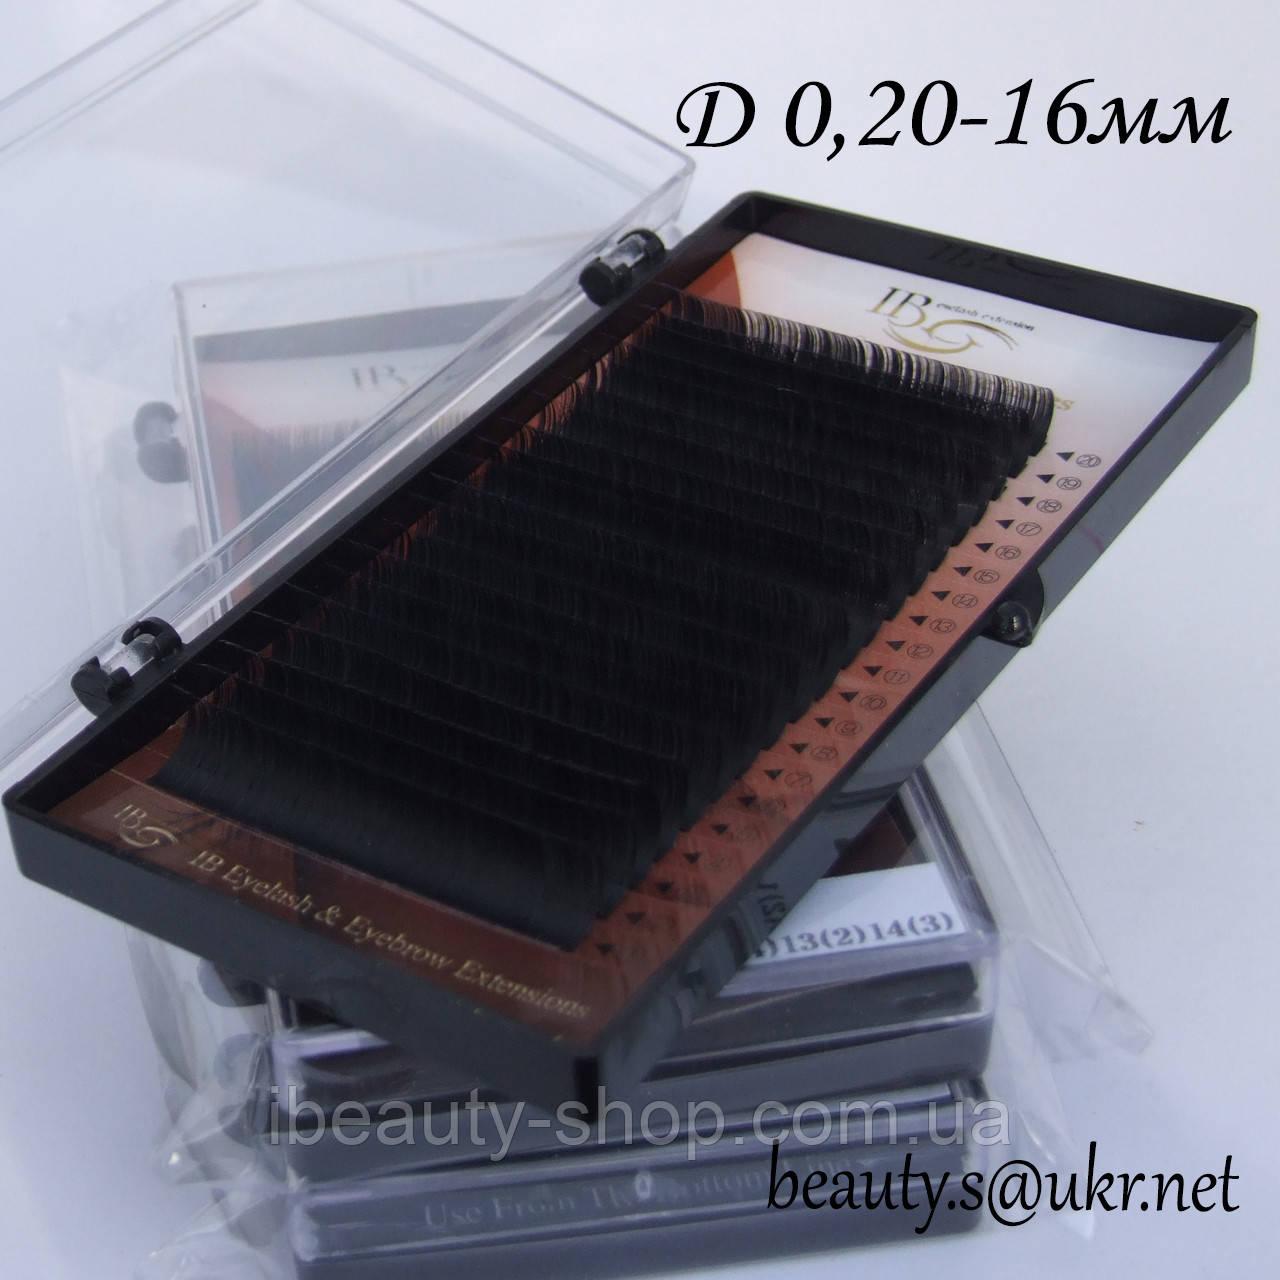 Ресницы  I-Beauty на ленте D-0,20 16мм